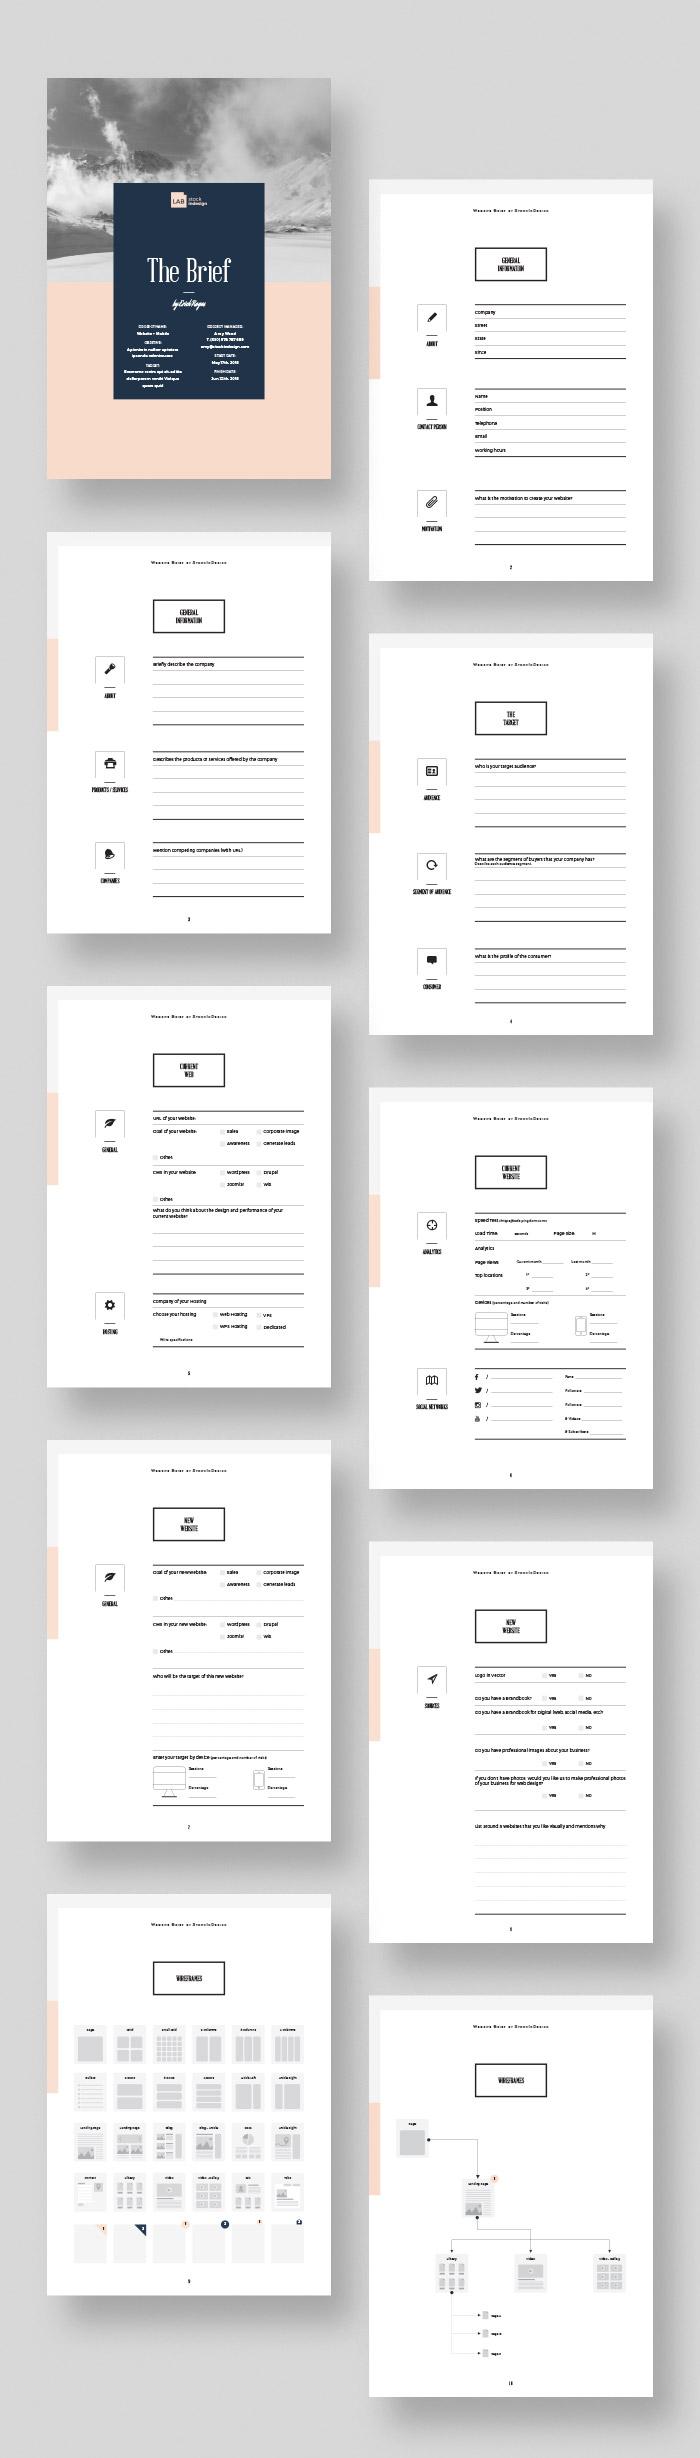 880 Gambar Design Brief Adalah Gratis Terbaru Unduh Gratis